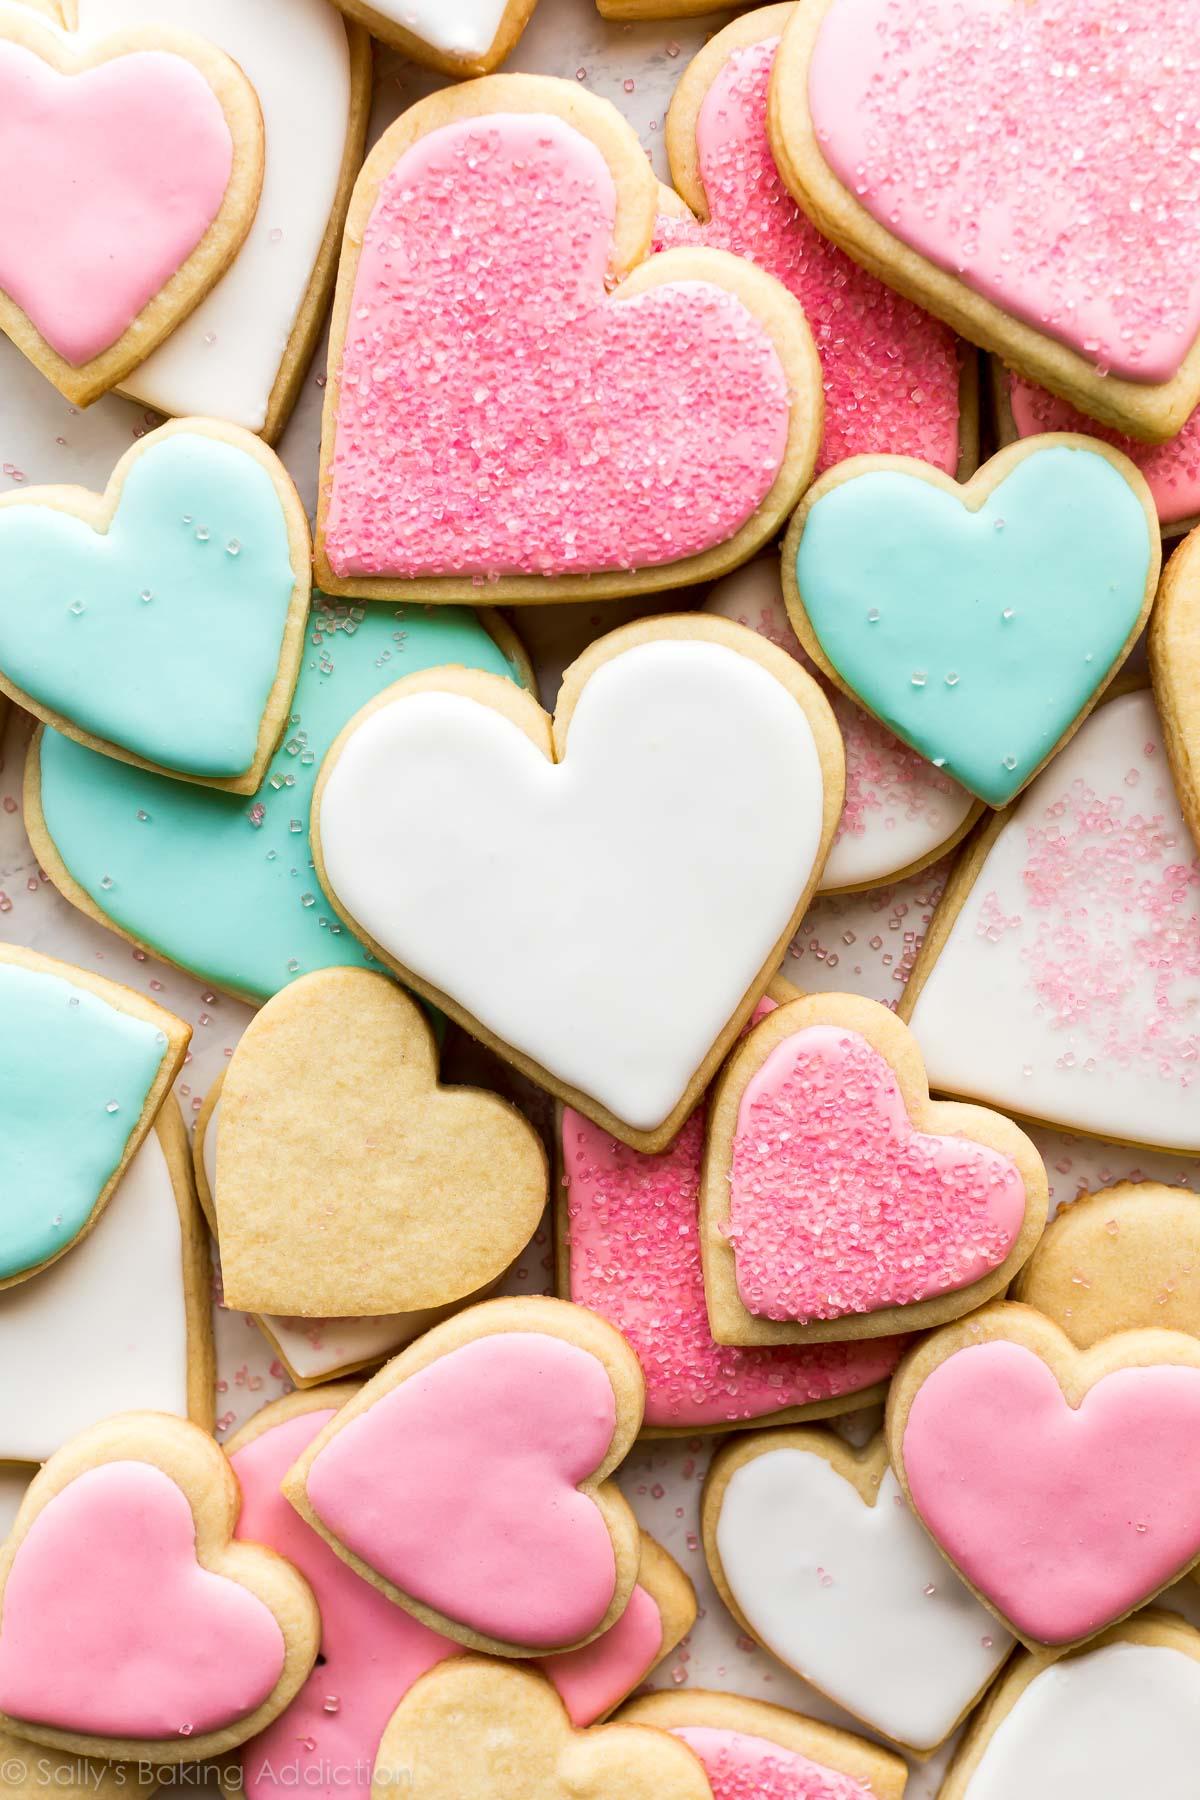 biscuits au sucre décorés